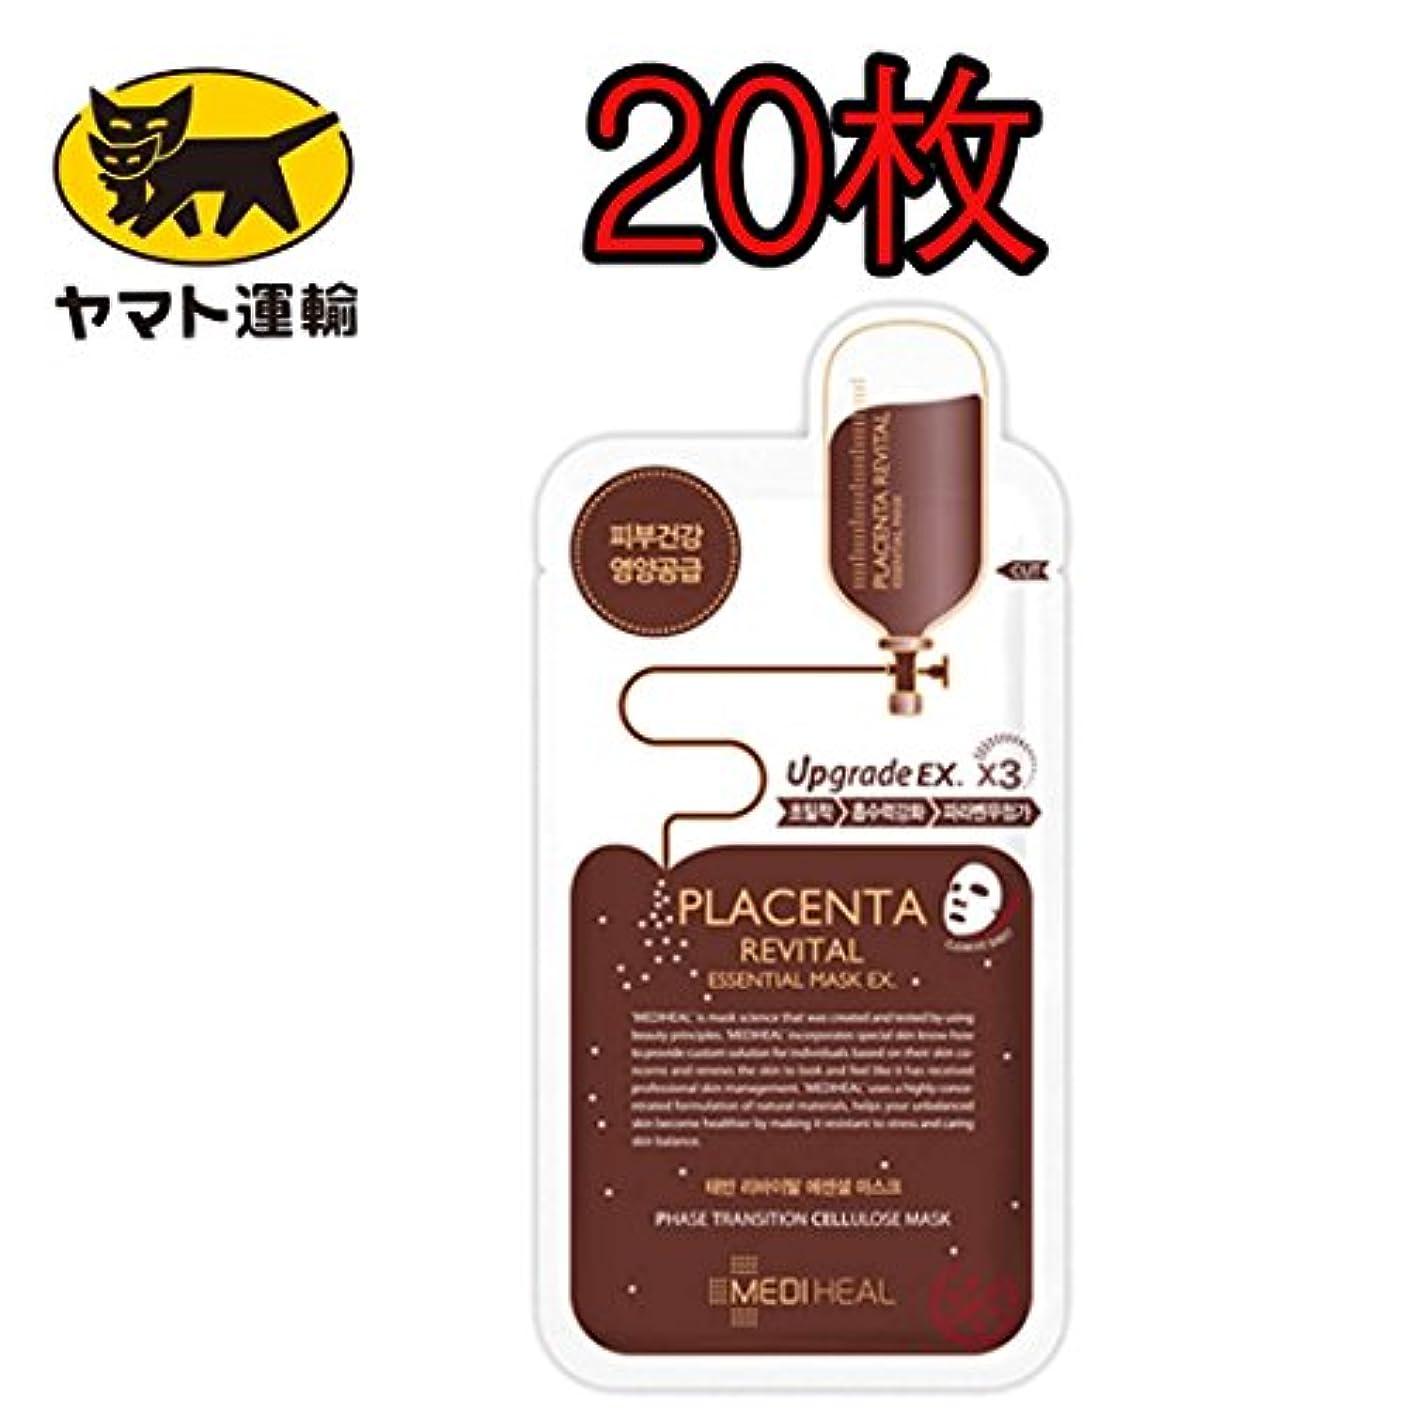 厄介な縮れた性的メディヒール [韓国コスメ Mediheal] プラセンタ リバイタル エッセンシャル マスクREX 皮膚健康/栄養供給 (20枚) Upgrade Mediheal Placenta Revital Essential Mask 20 piece. [並行輸入品]